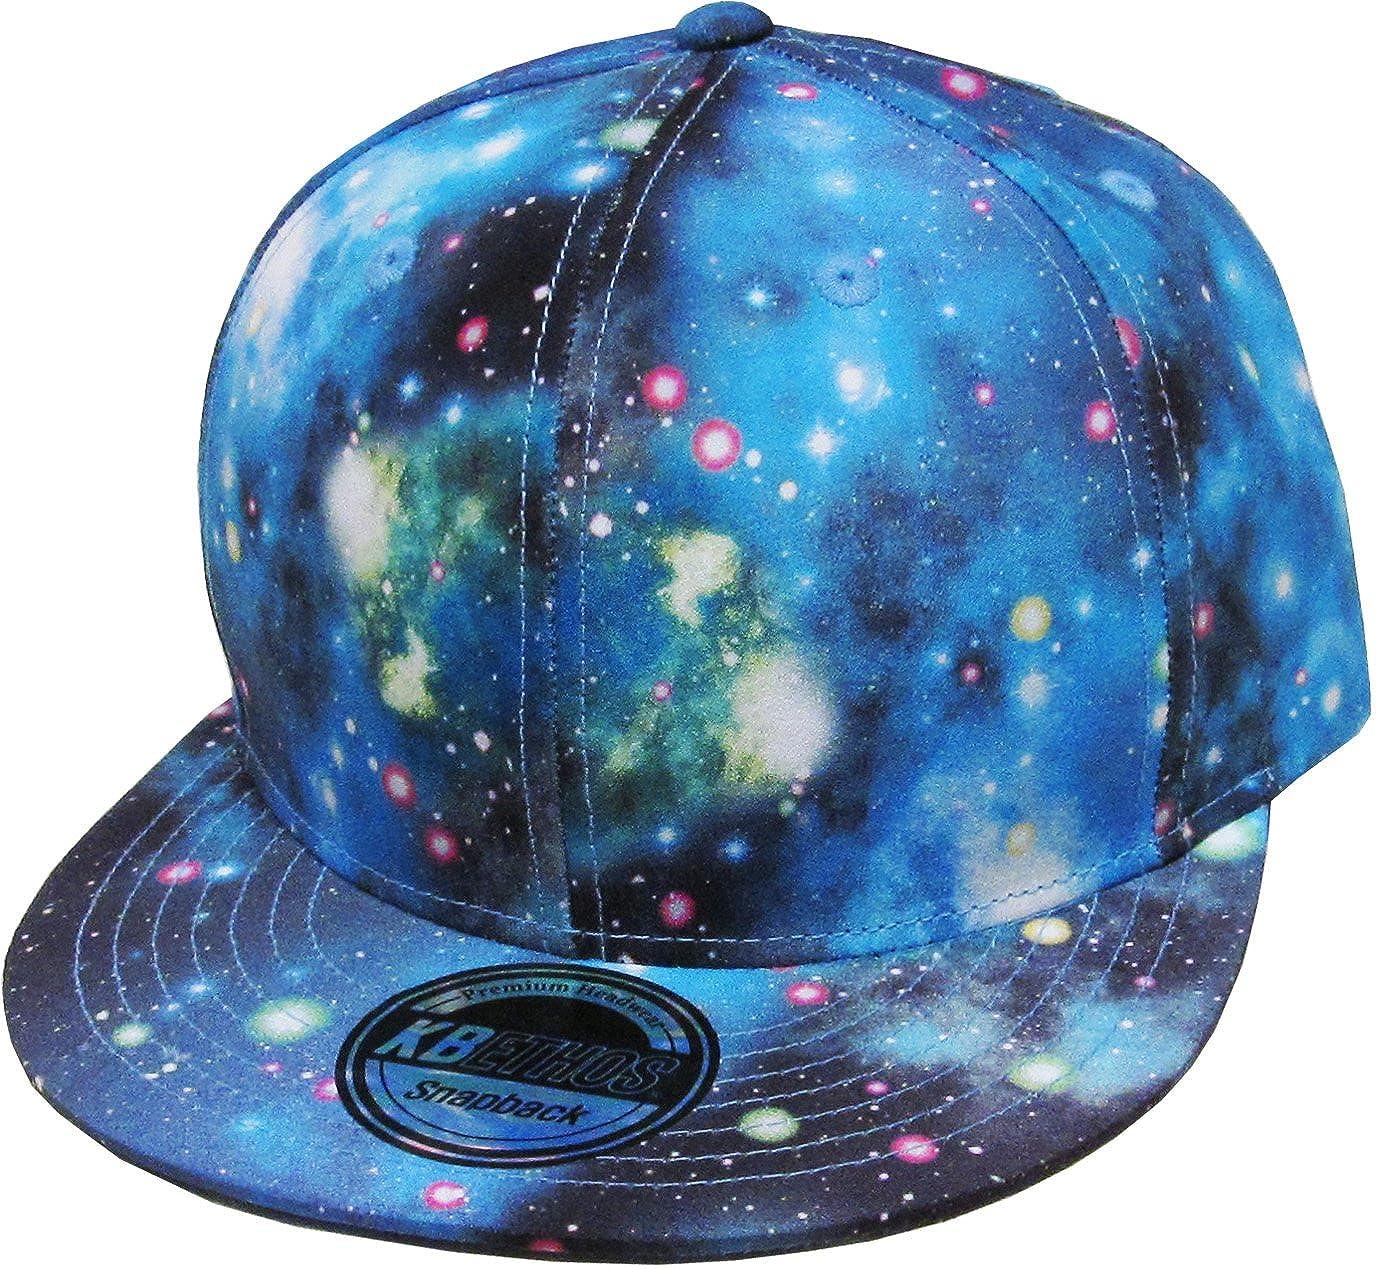 KBETHOS Galaxy Snapback Dad Hat Baseball Cap $C KNW1469GX_ALL_BLK